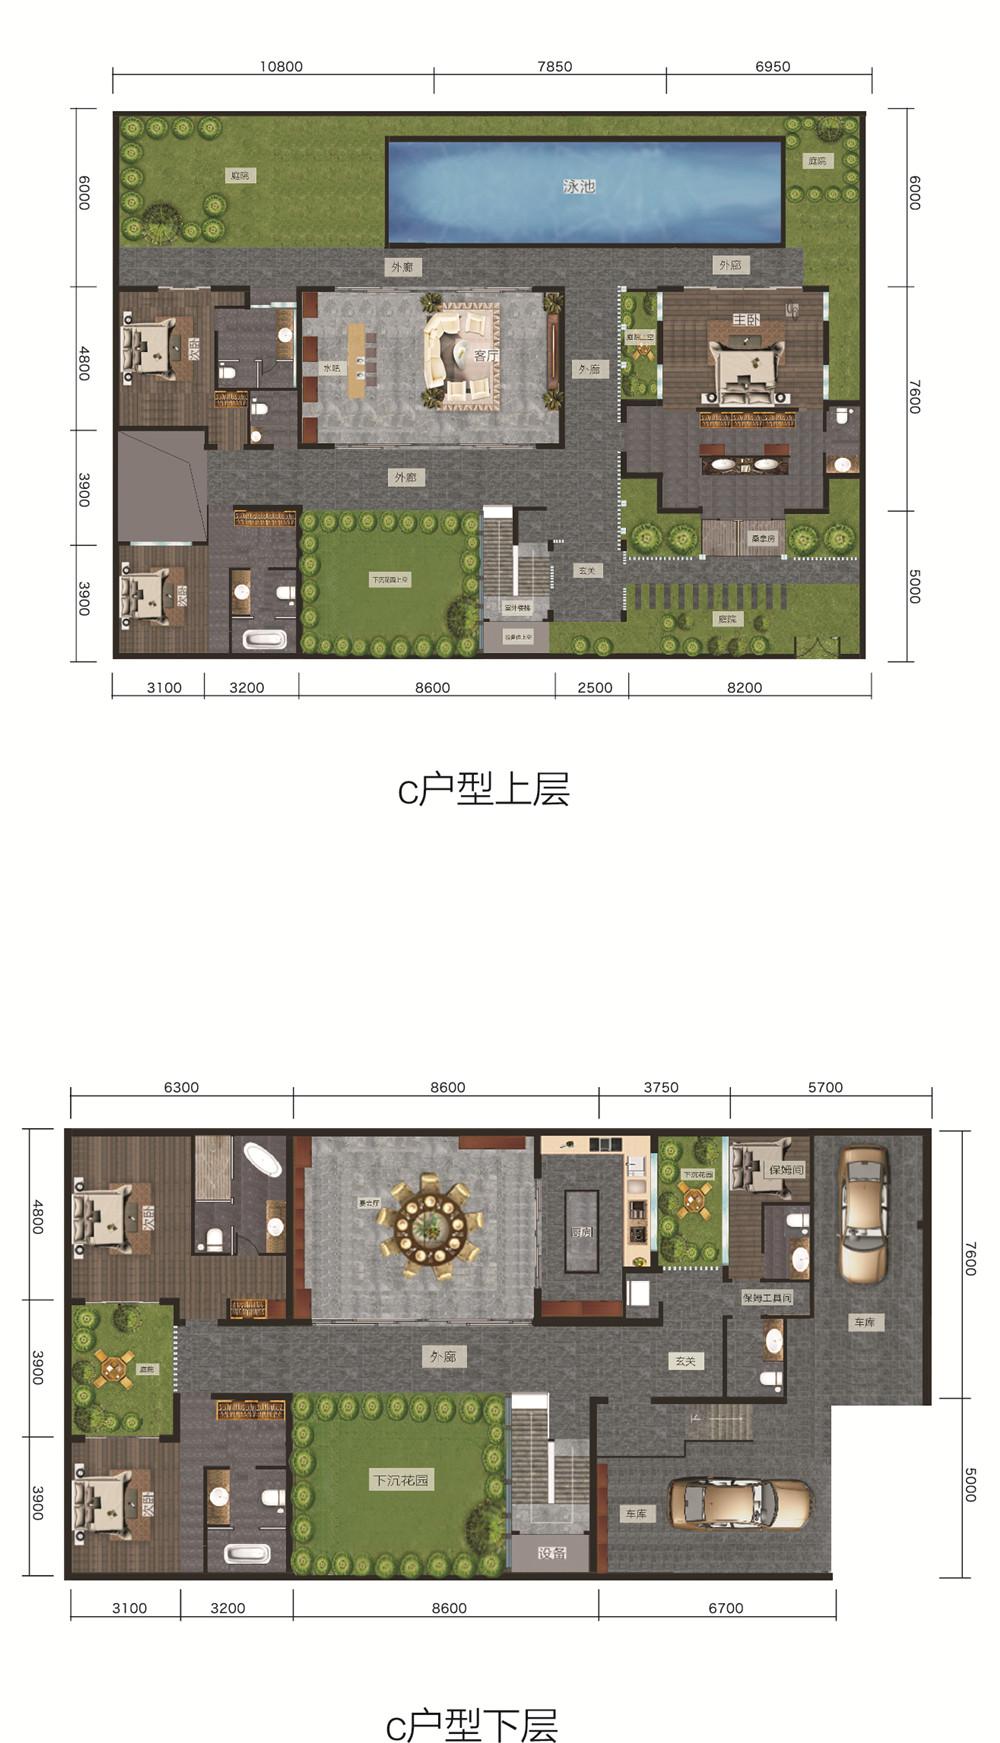 海棠华著C户型建面121.17㎡,五房两厅八卫带工人房+四花园